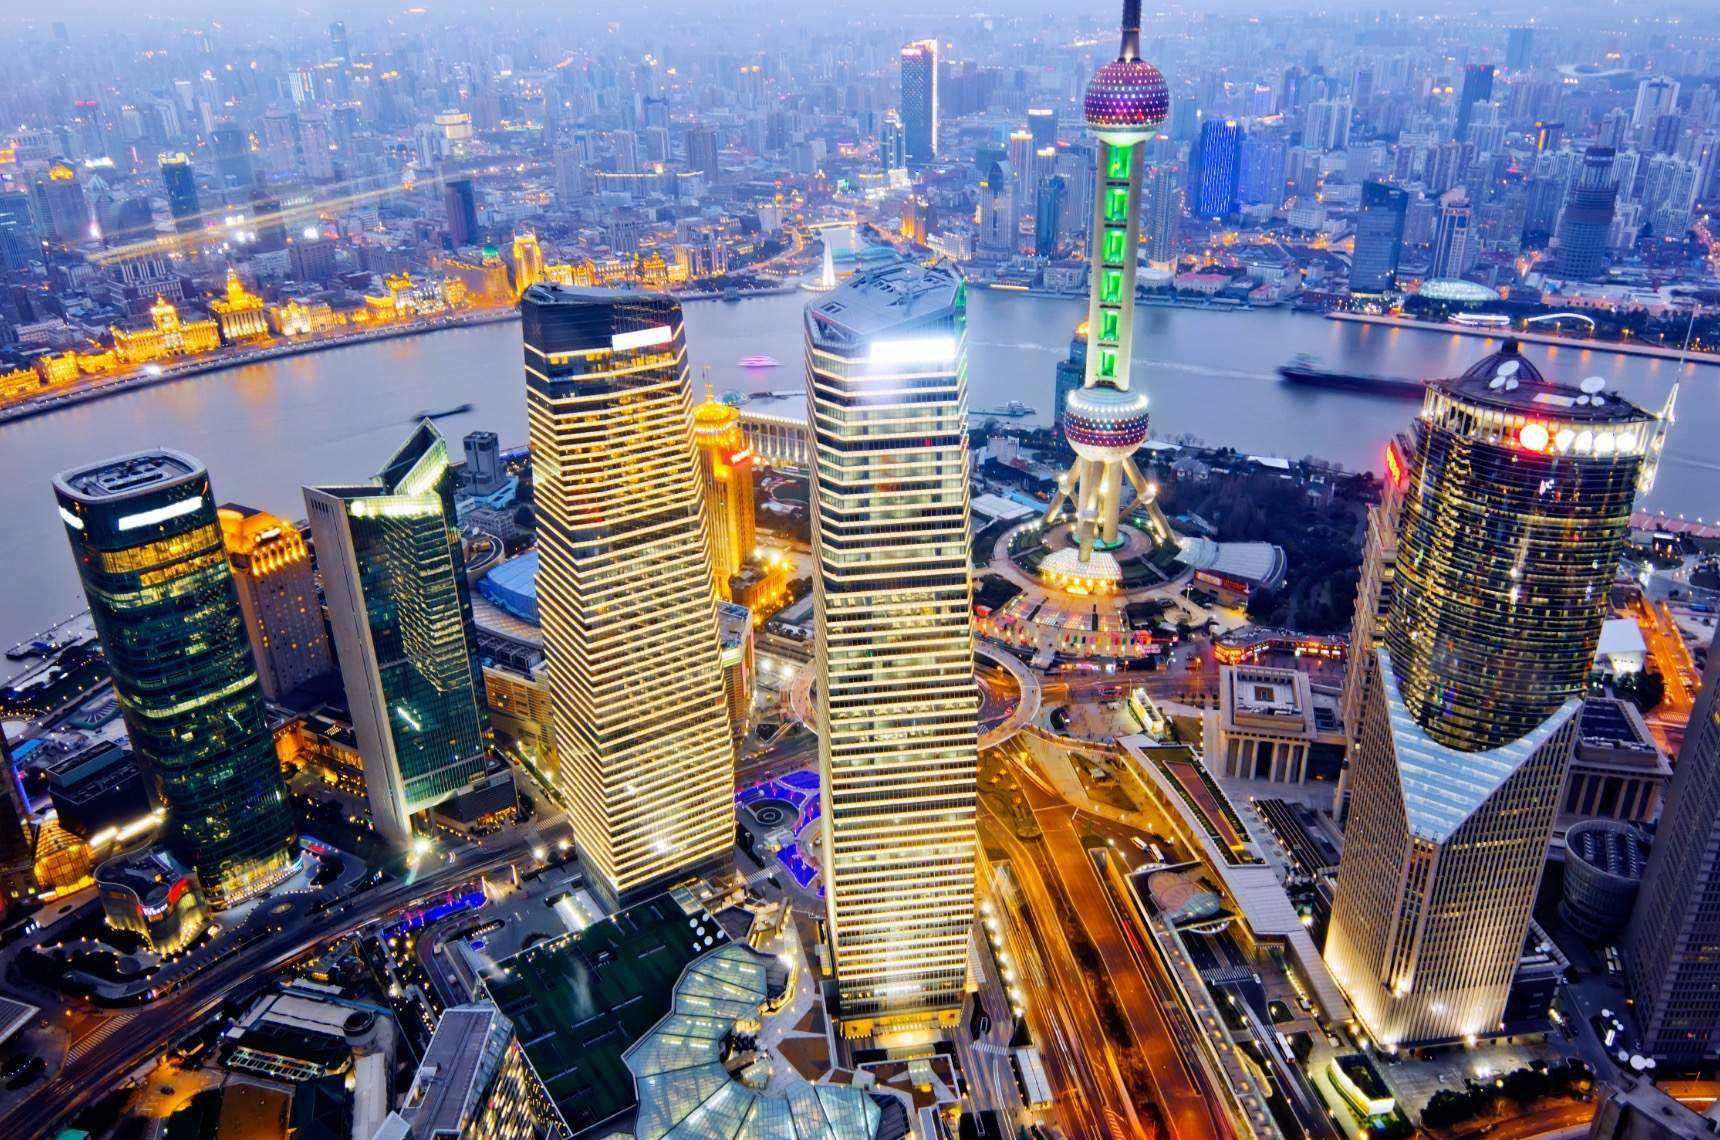 上海将完善自贸试验区新片区金融领域方案 增强自由贸易账户功能